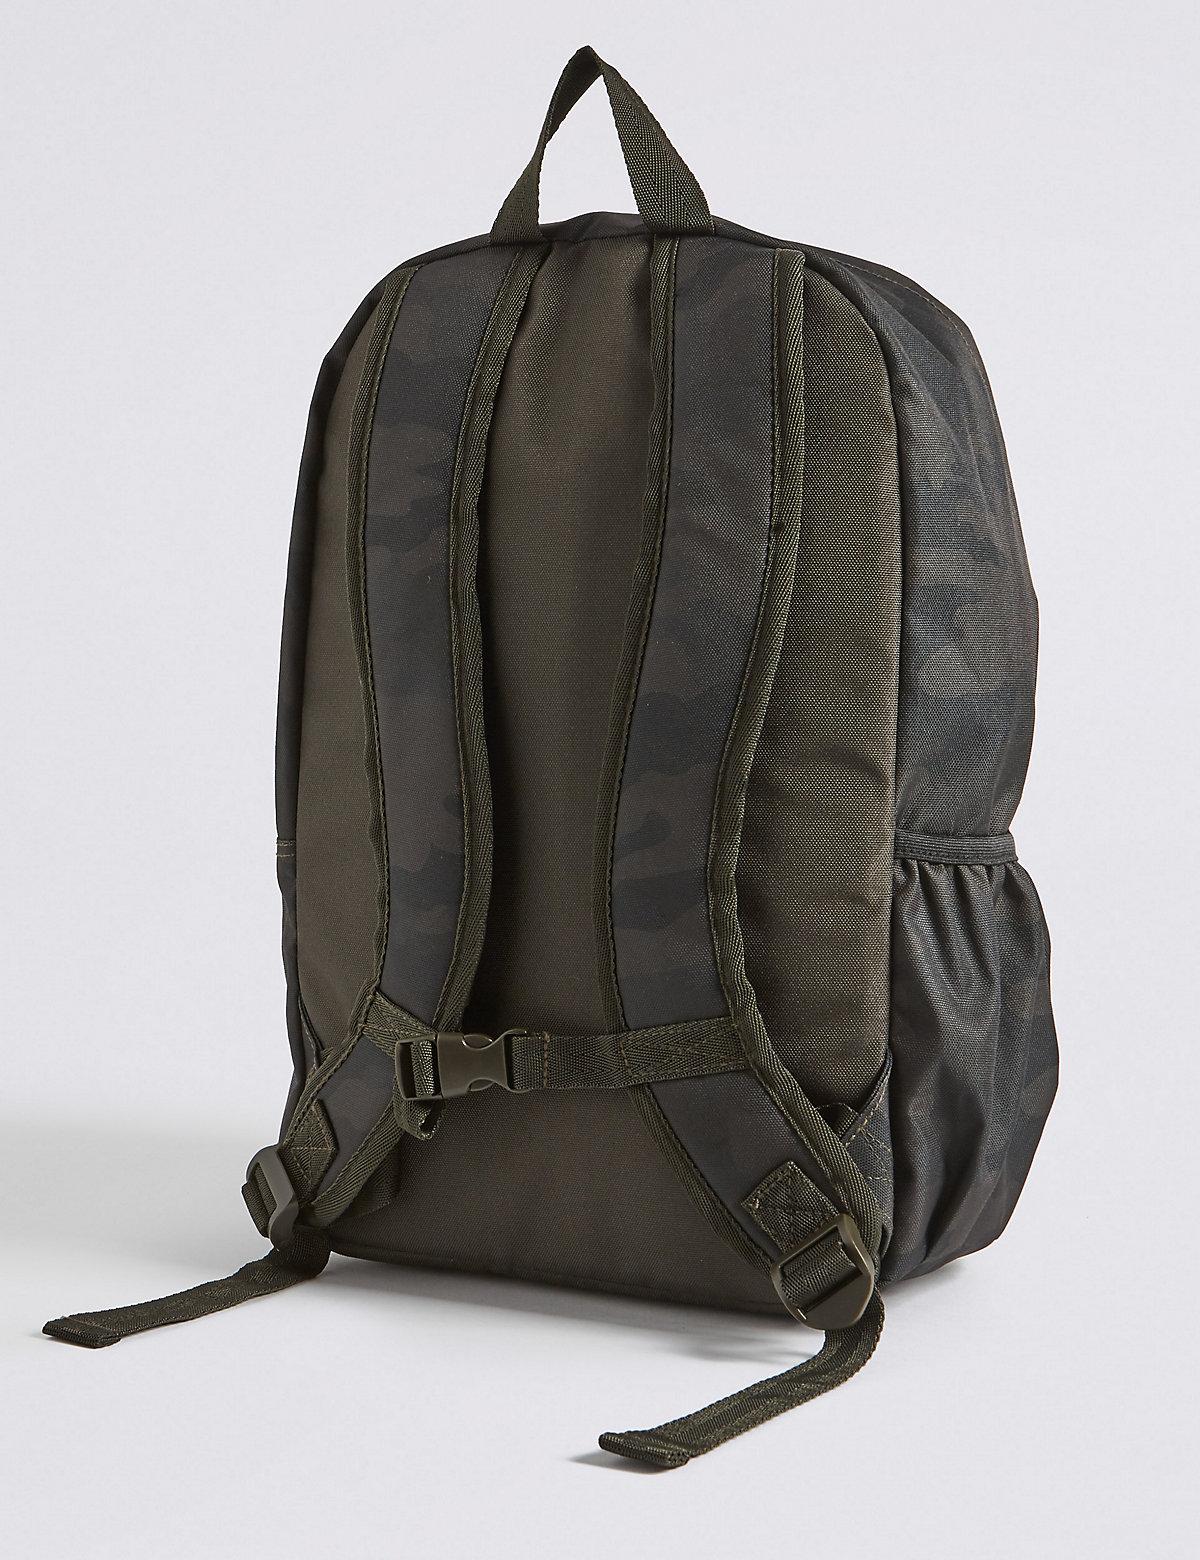 Рюкзак для мальчика с камуфляжным принтом и водоотталкивающей пропиткой